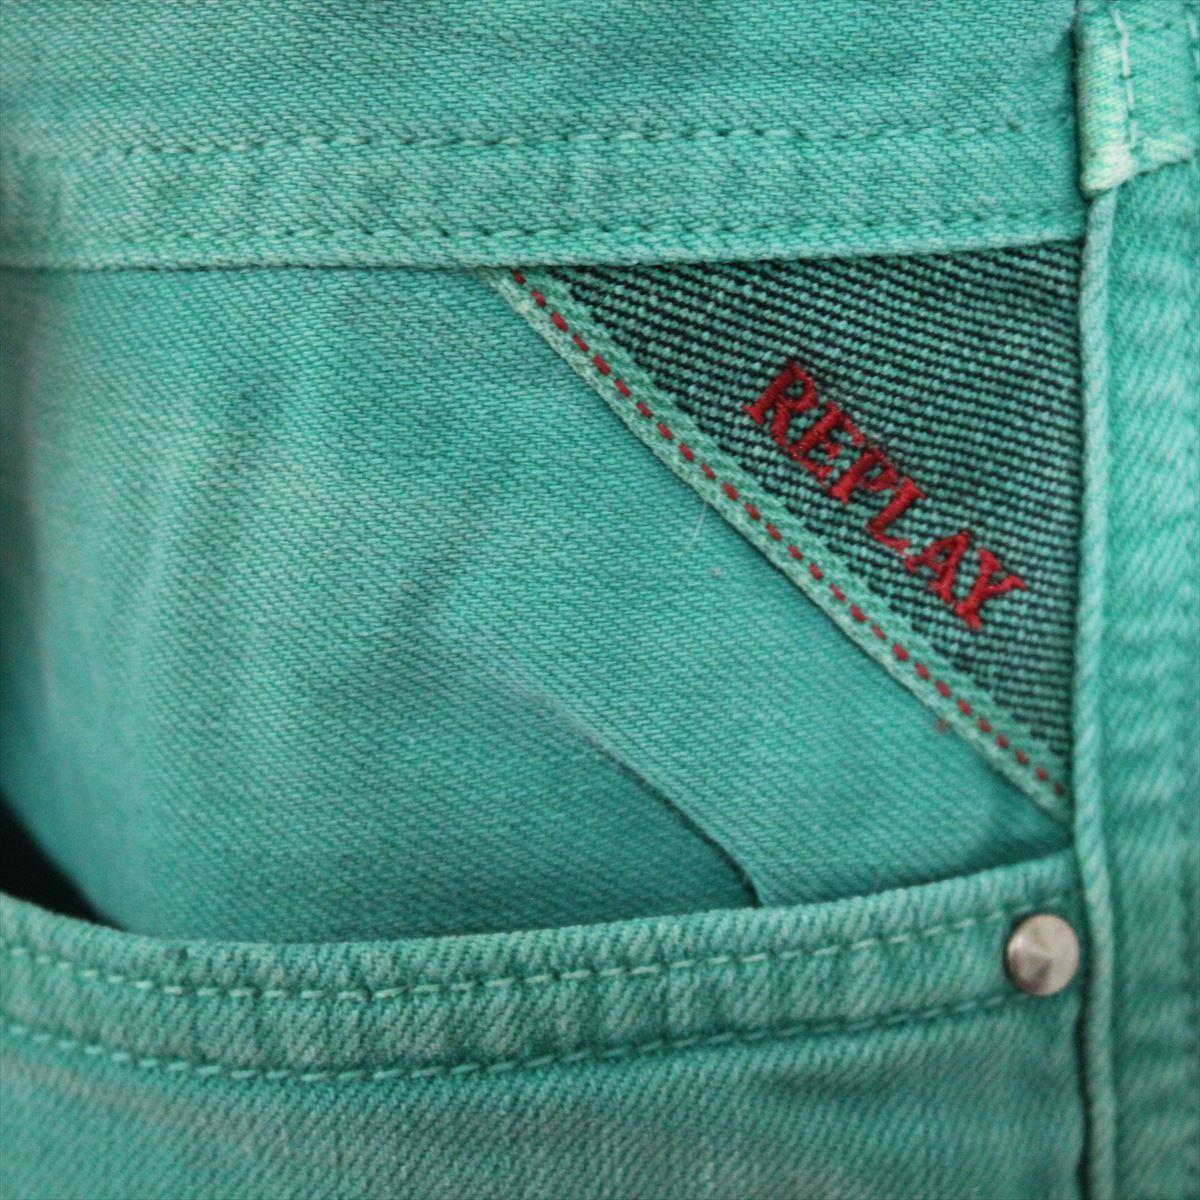 リプレイ REPLAY メンズカラーパンツ ジーンズ デニムパンツ SLIM グリーン 34インチ 新品 REPLAY BLUE JEANS anbass slim jeans_画像3